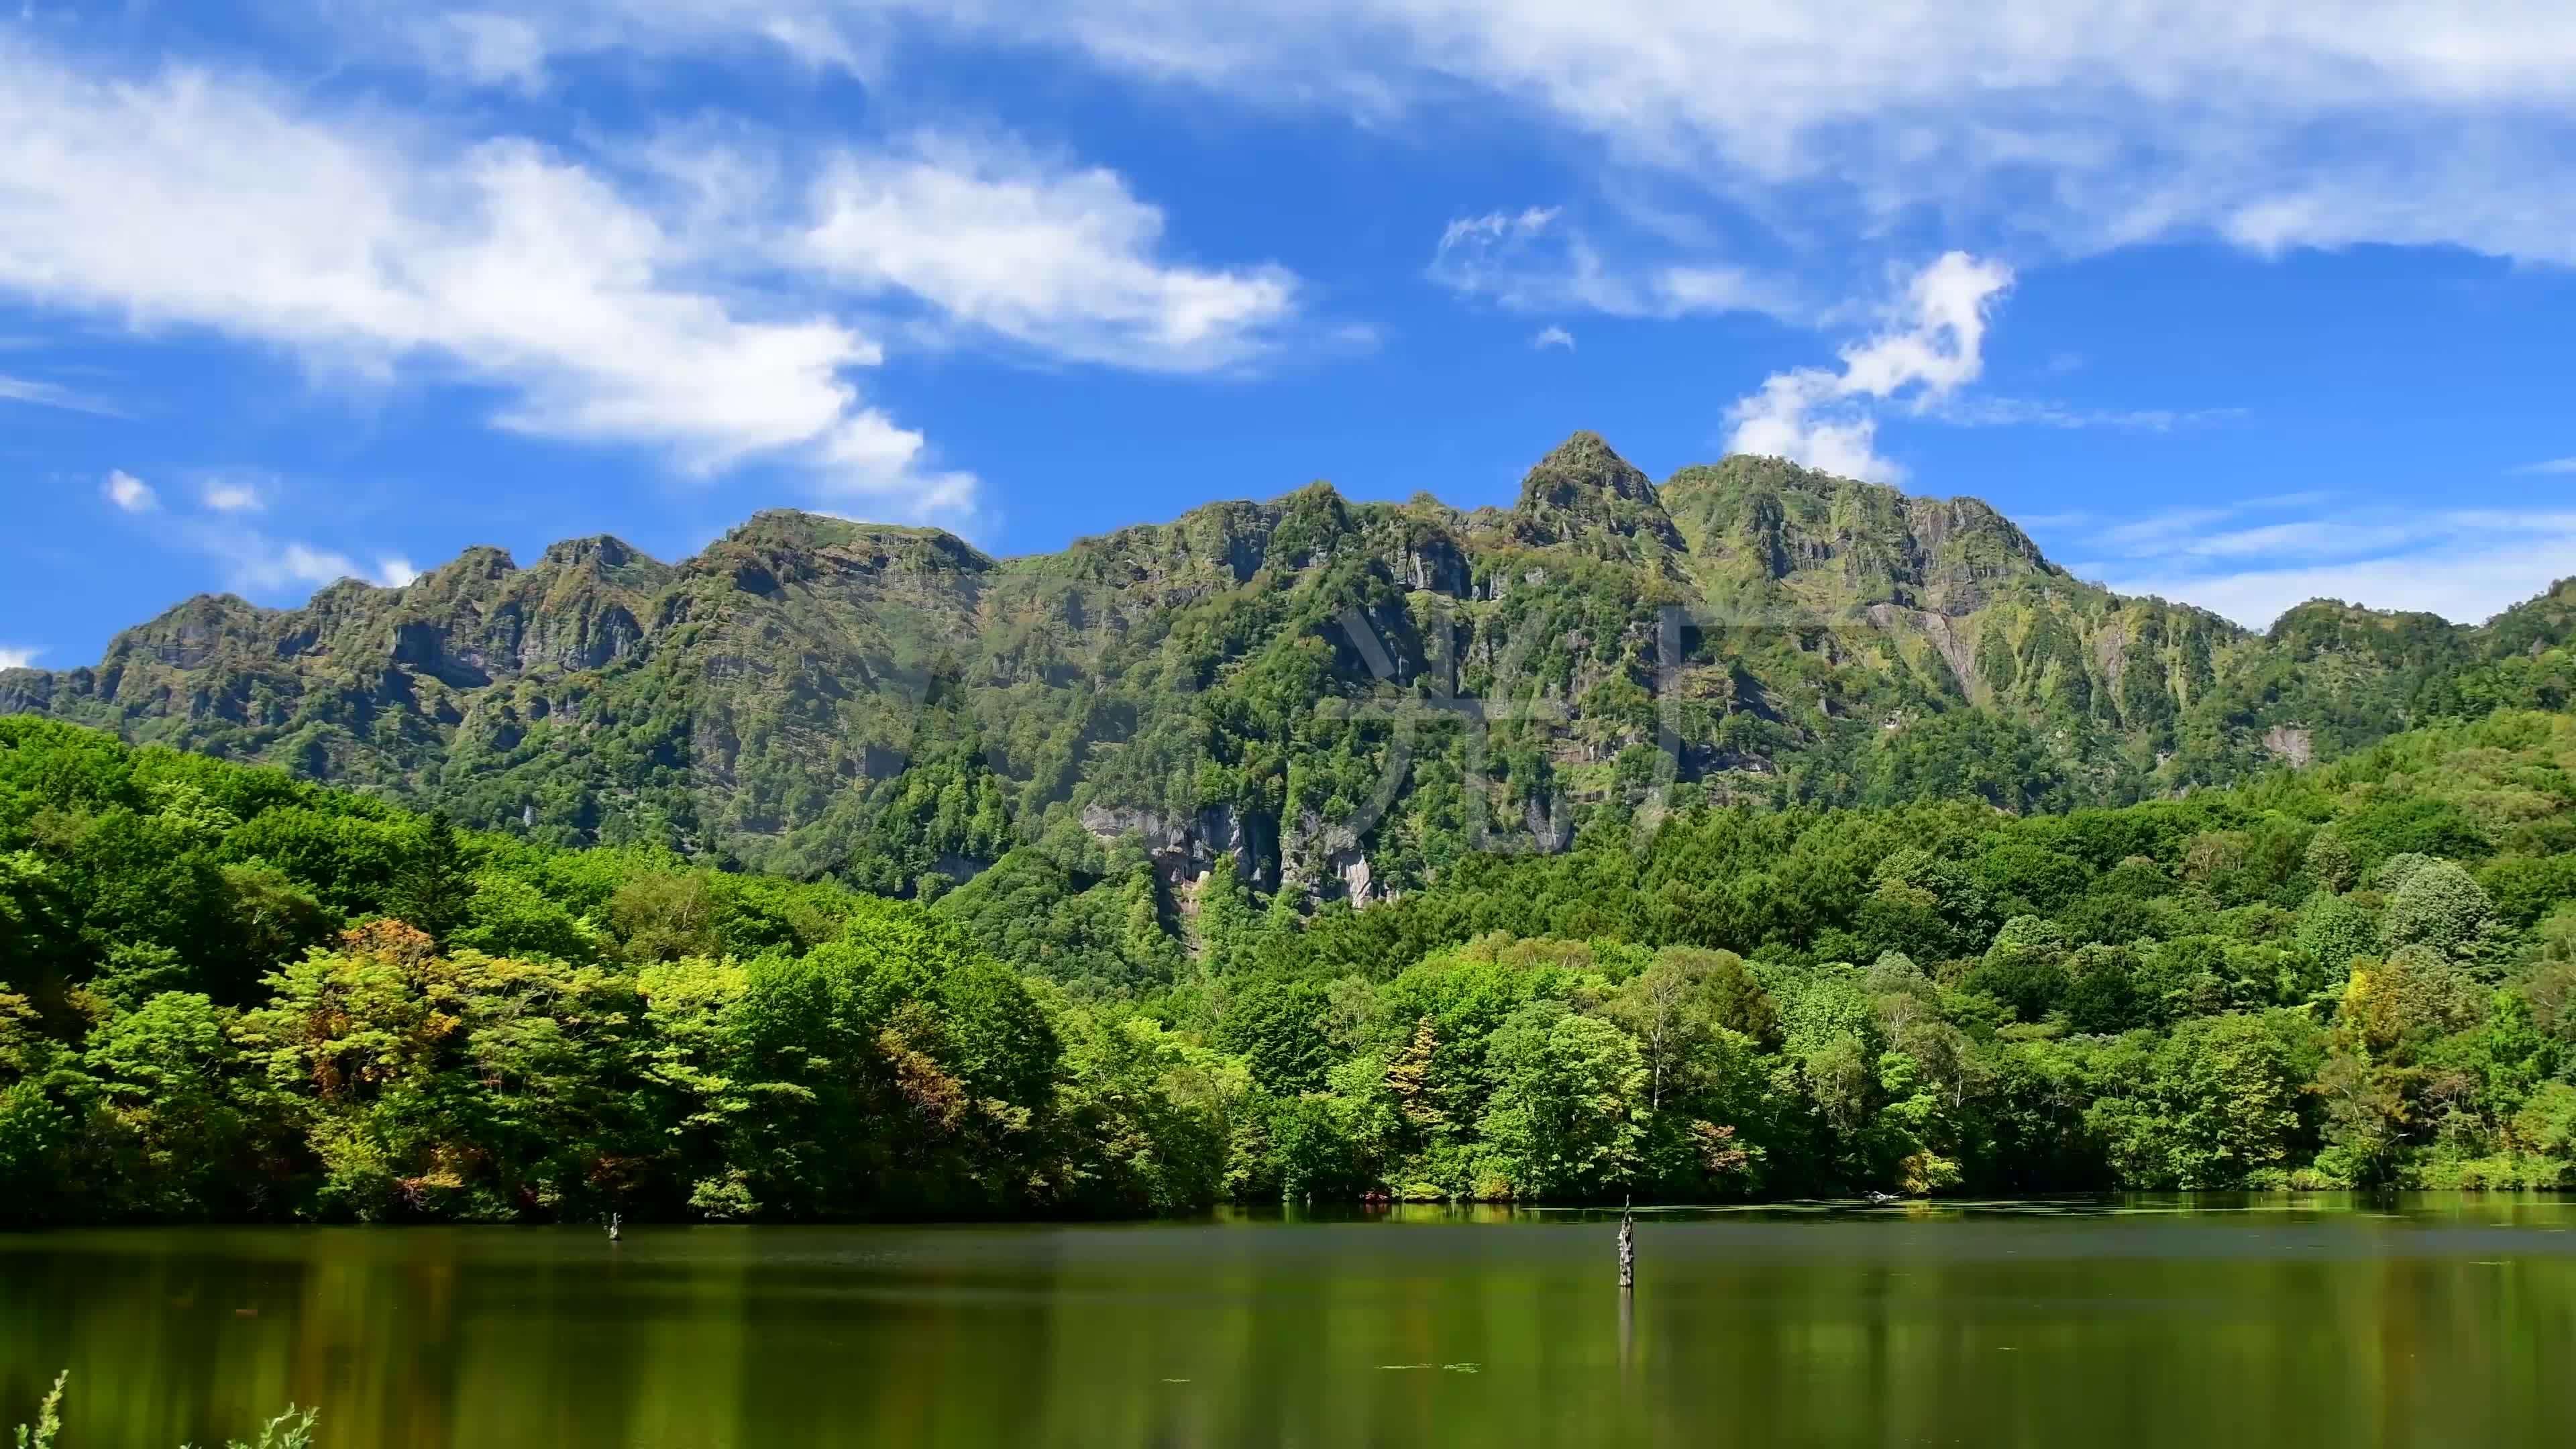 淘寶免費模板 > 山水風景圖片庫_微信頭像山水風景圖片  極品4k大自然